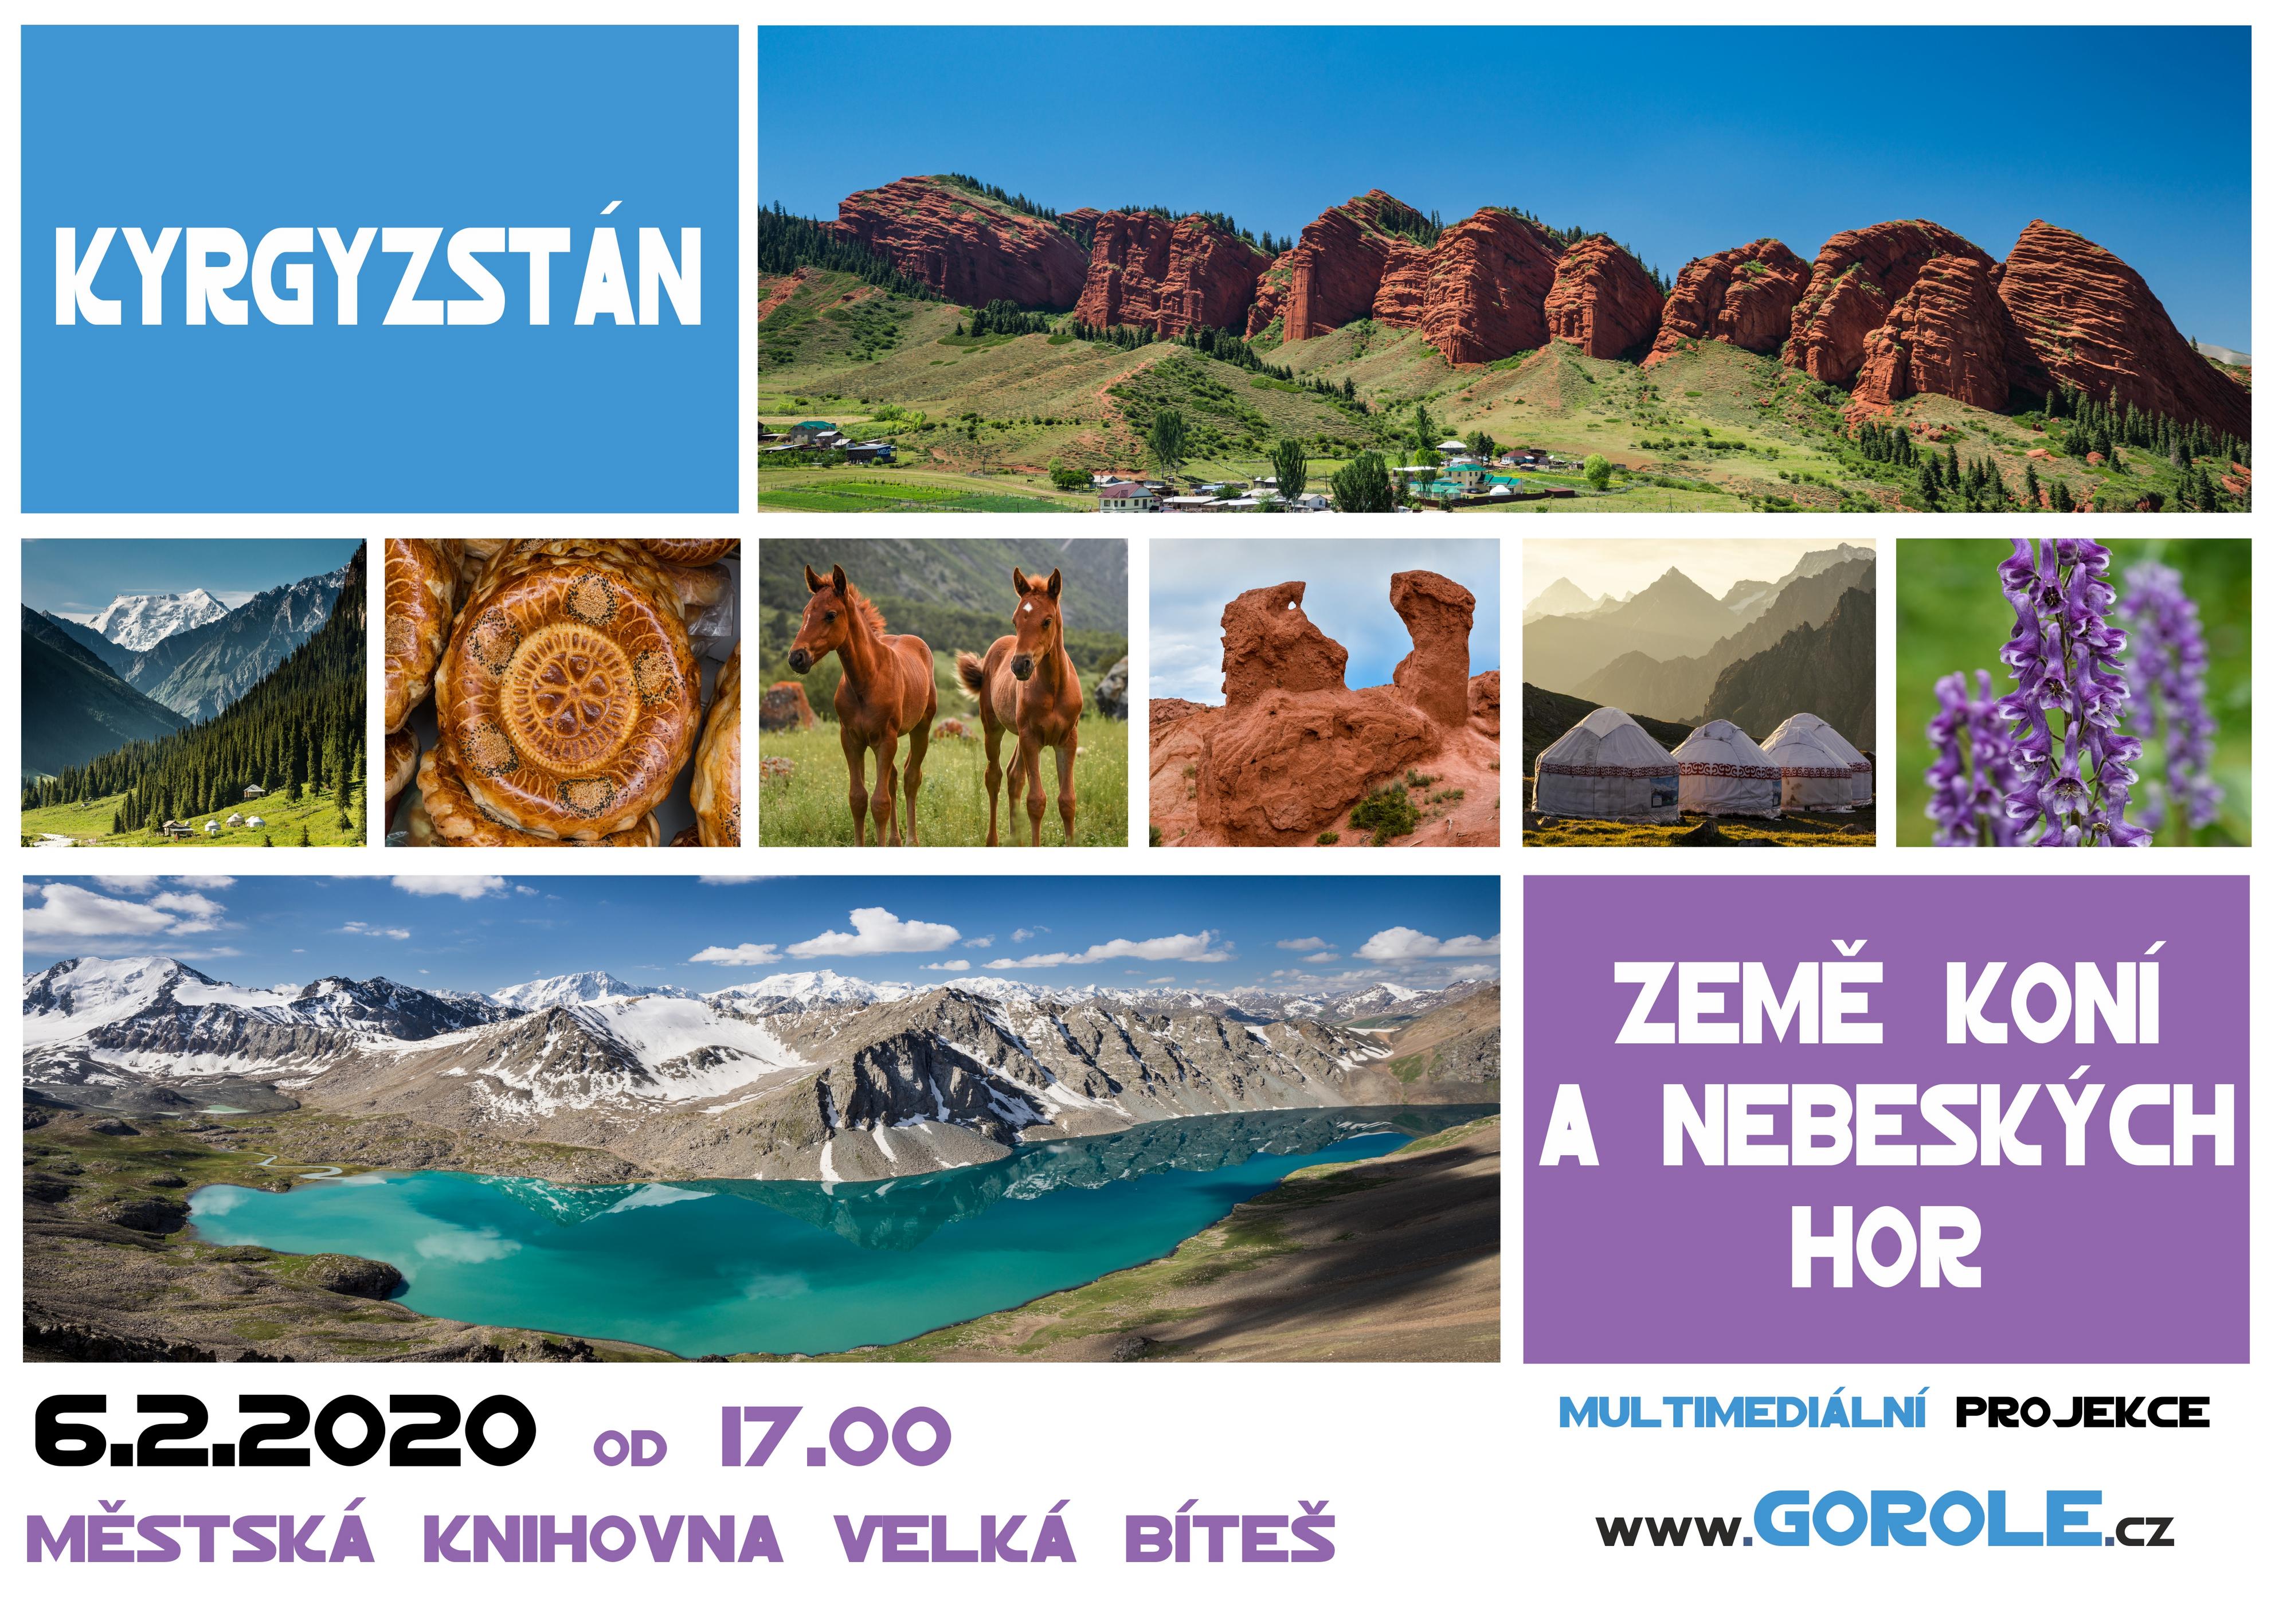 pozv kyrgyzstan vbites 2 20